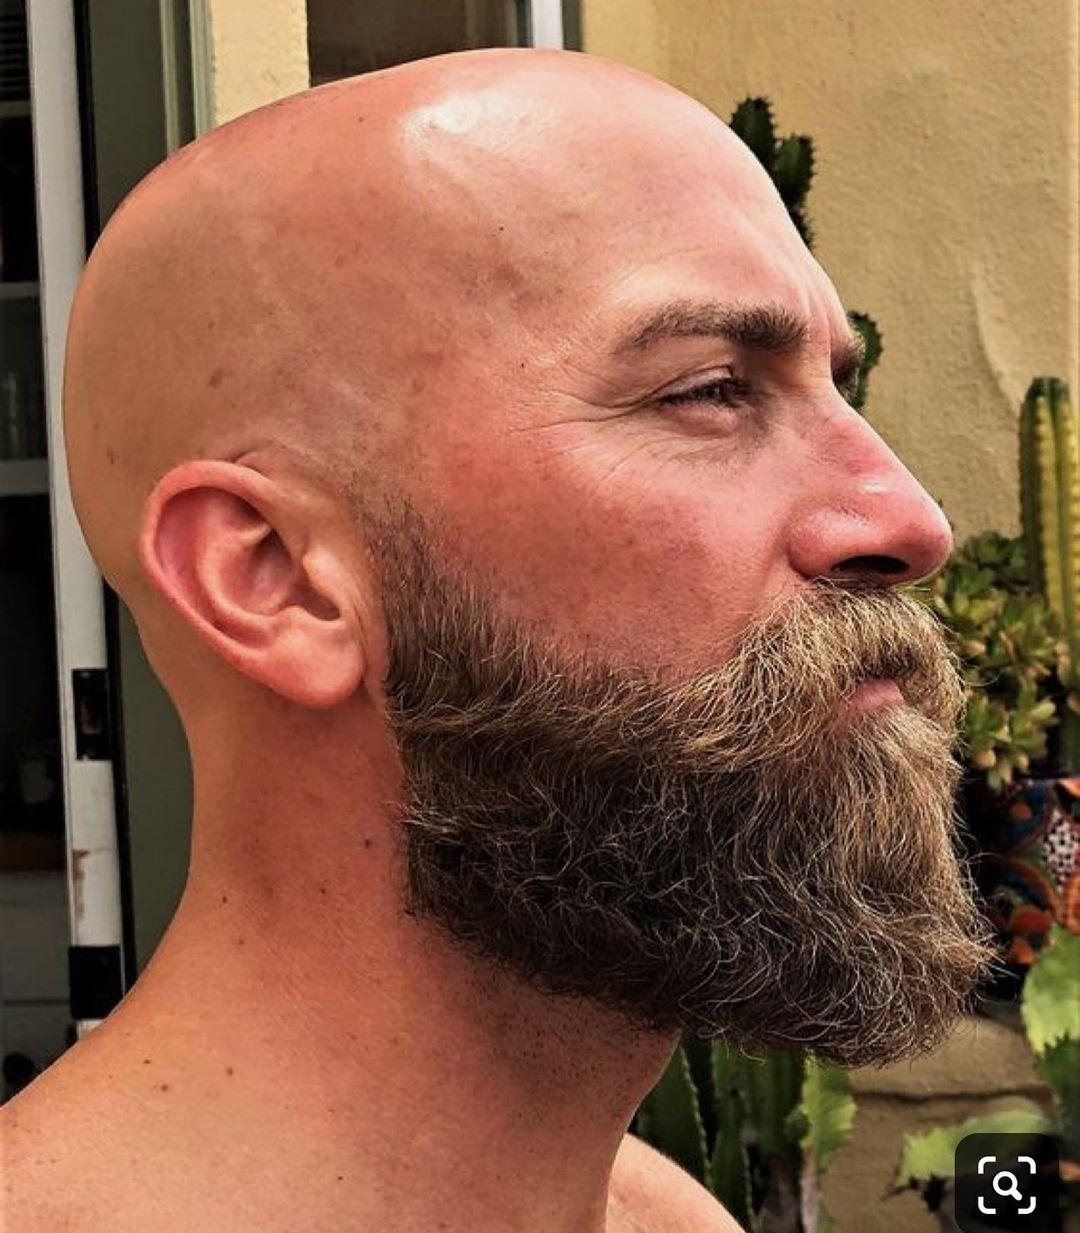 Beards In The World On Instagram From Pinterest The Best Way Bald Beard Beautifulbeard Beard B Bald With Beard Bald Men With Beards Bald Head With Beard